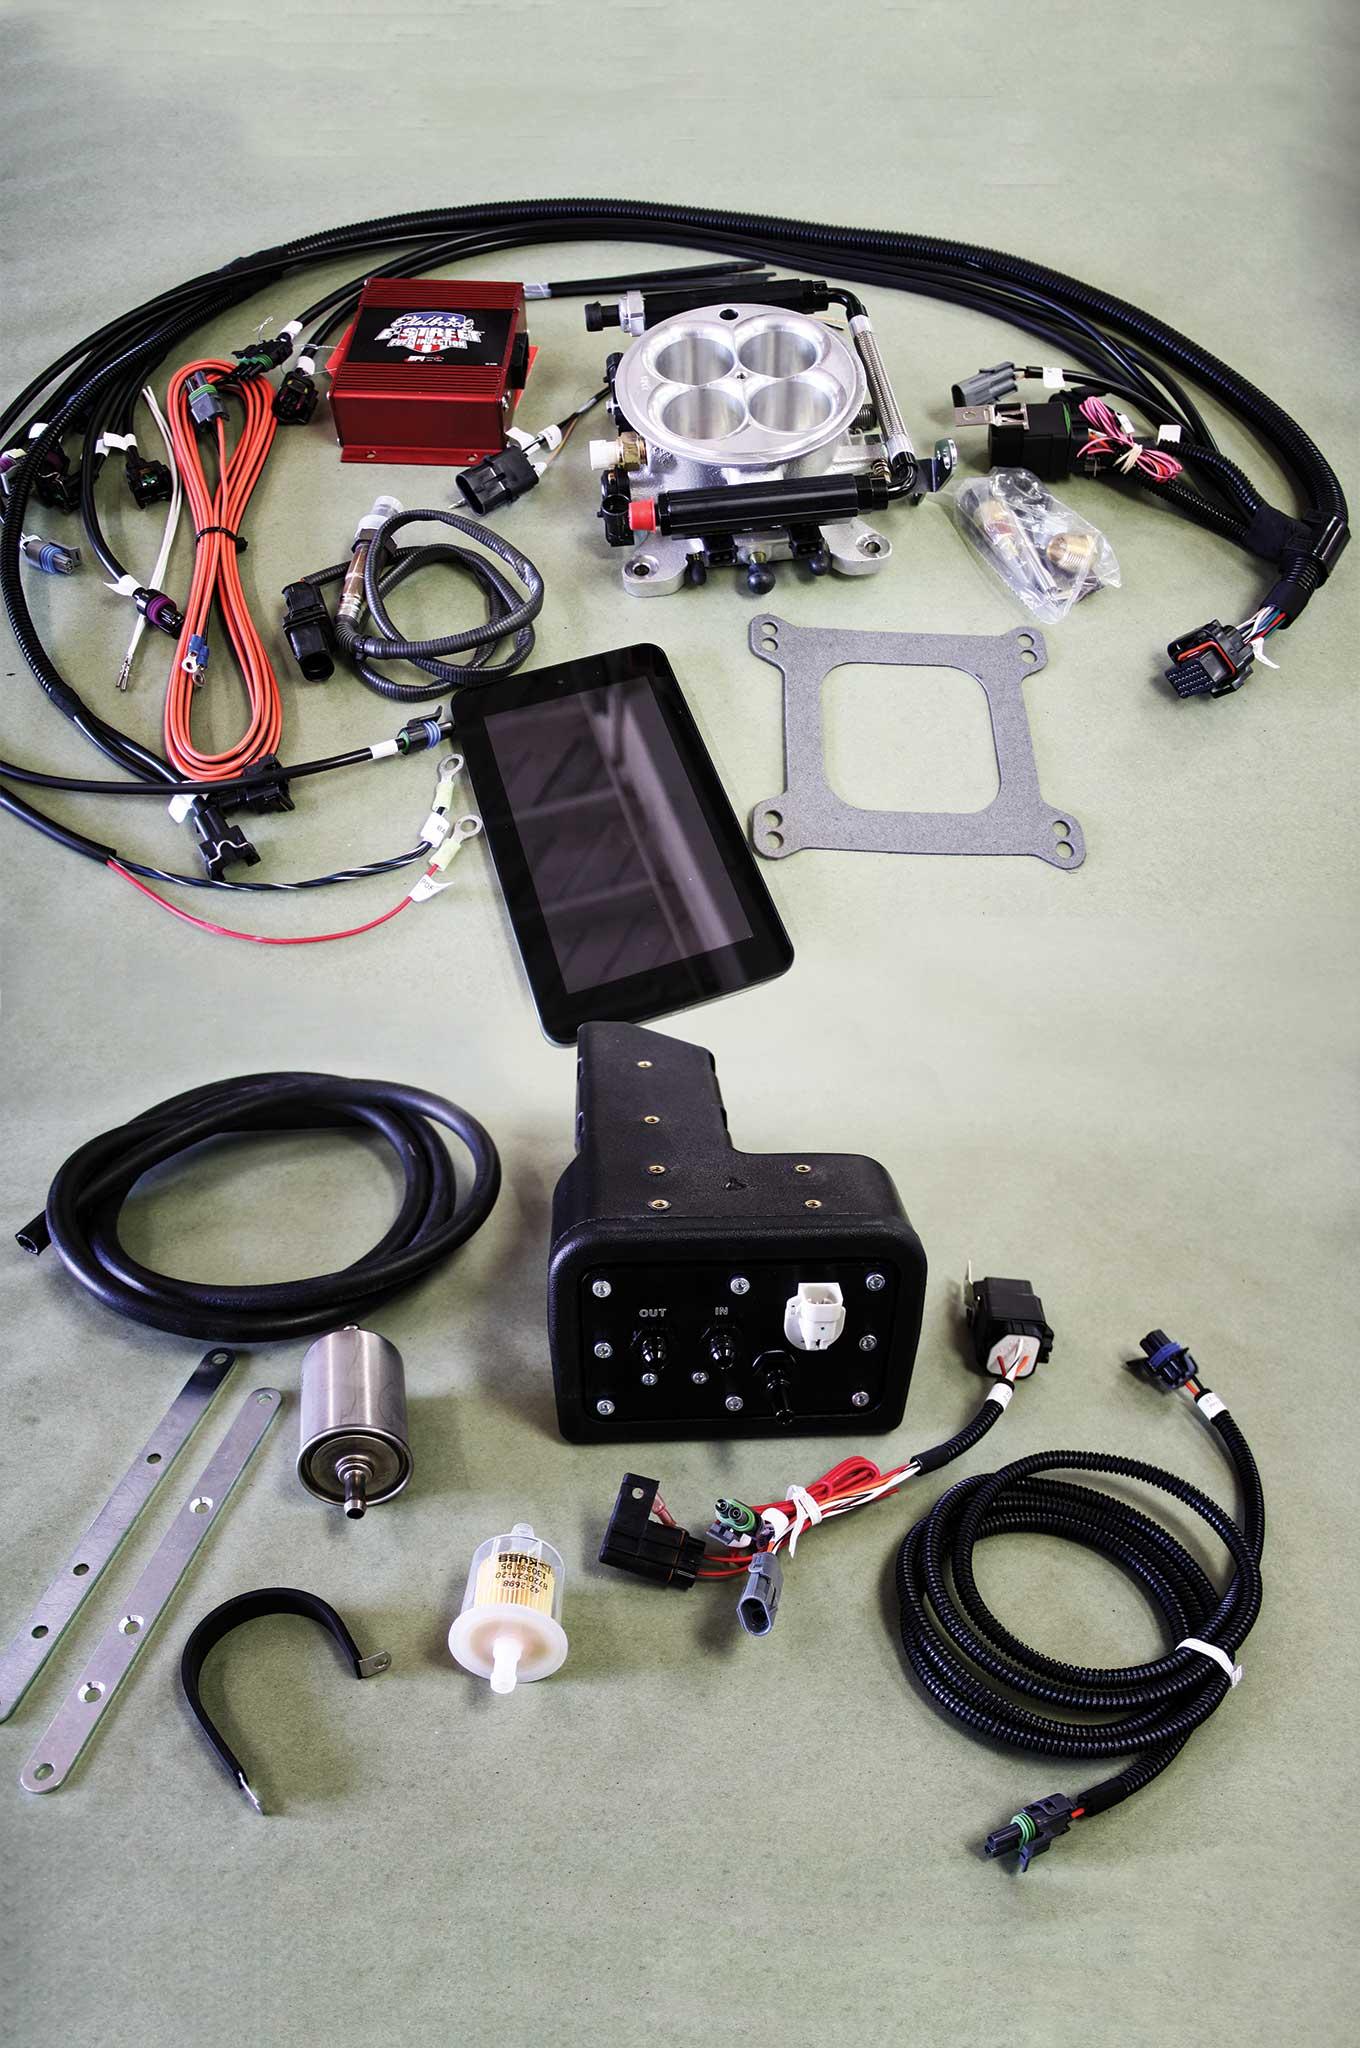 001 e street efi system conversion part 1 edelbrock e street efi system kit